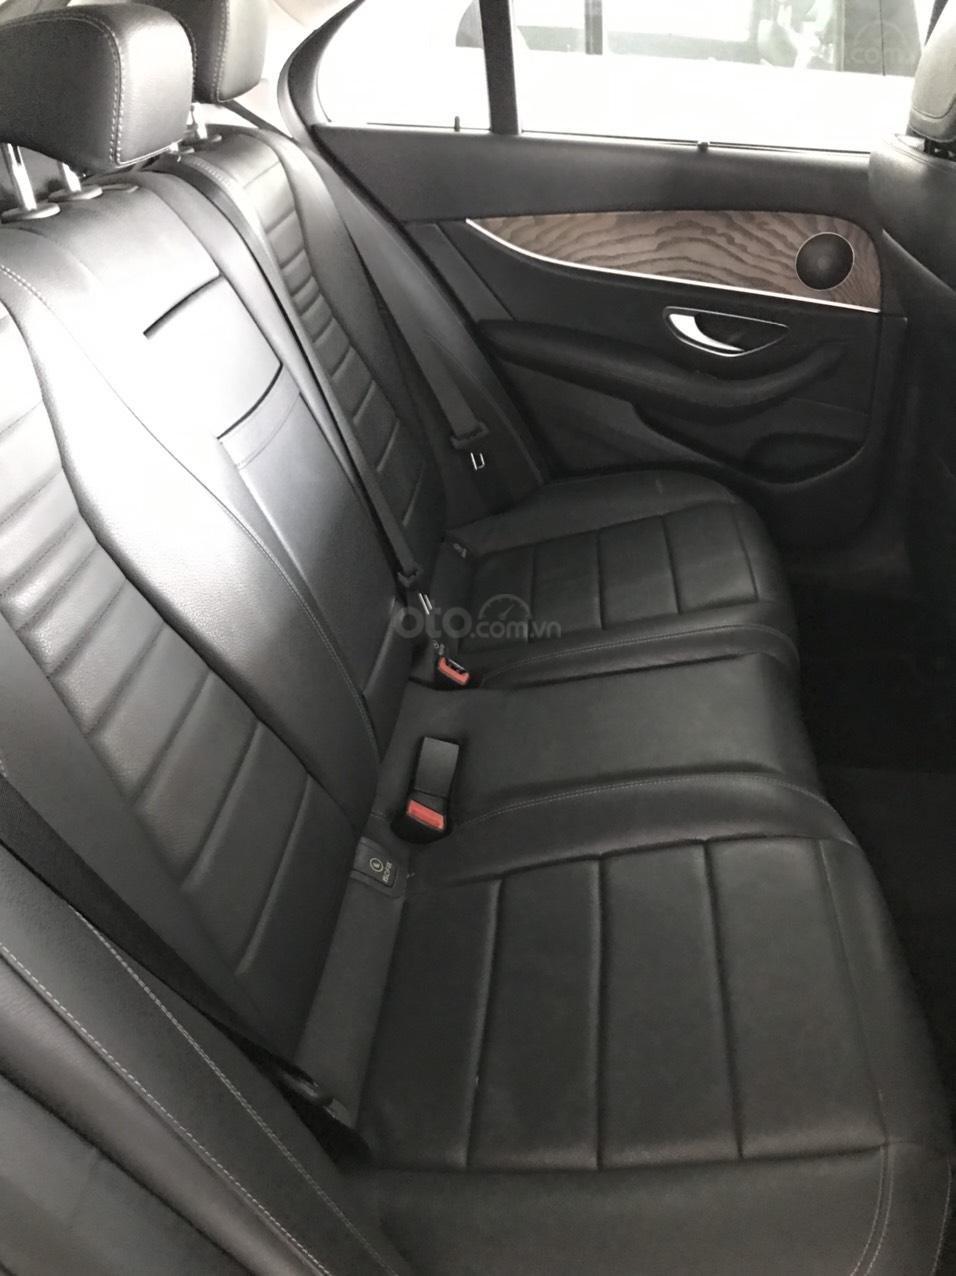 Bán E200 SX 2017 giá sốc lăn bánh 3 vạn 5 còn rất mới xe chính hãng bao test (5)